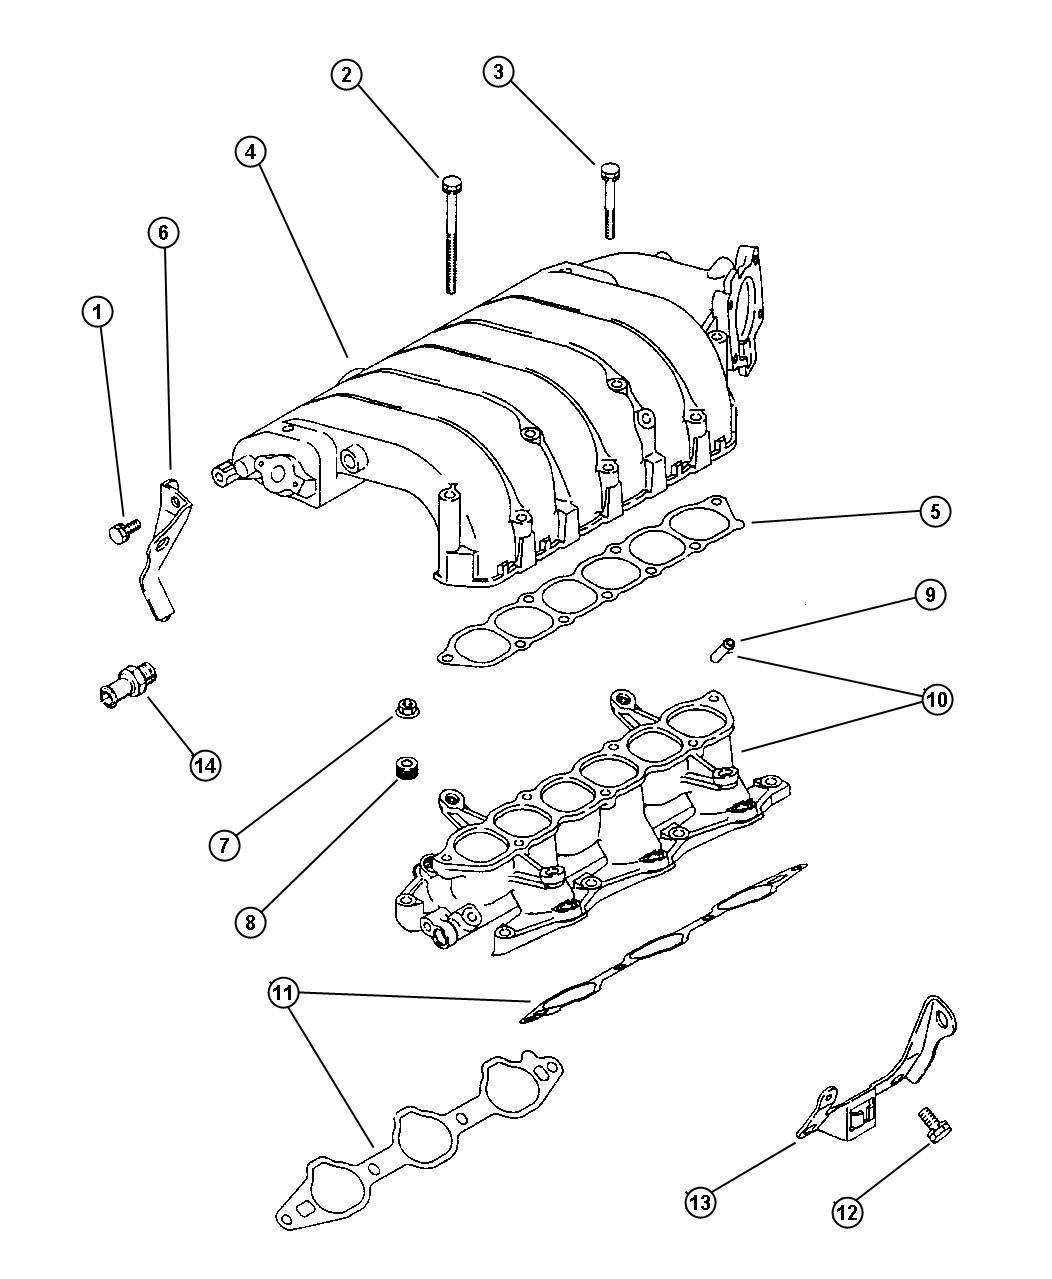 1996 chrysler cirrus gasket  intake plenum  gasket  intake